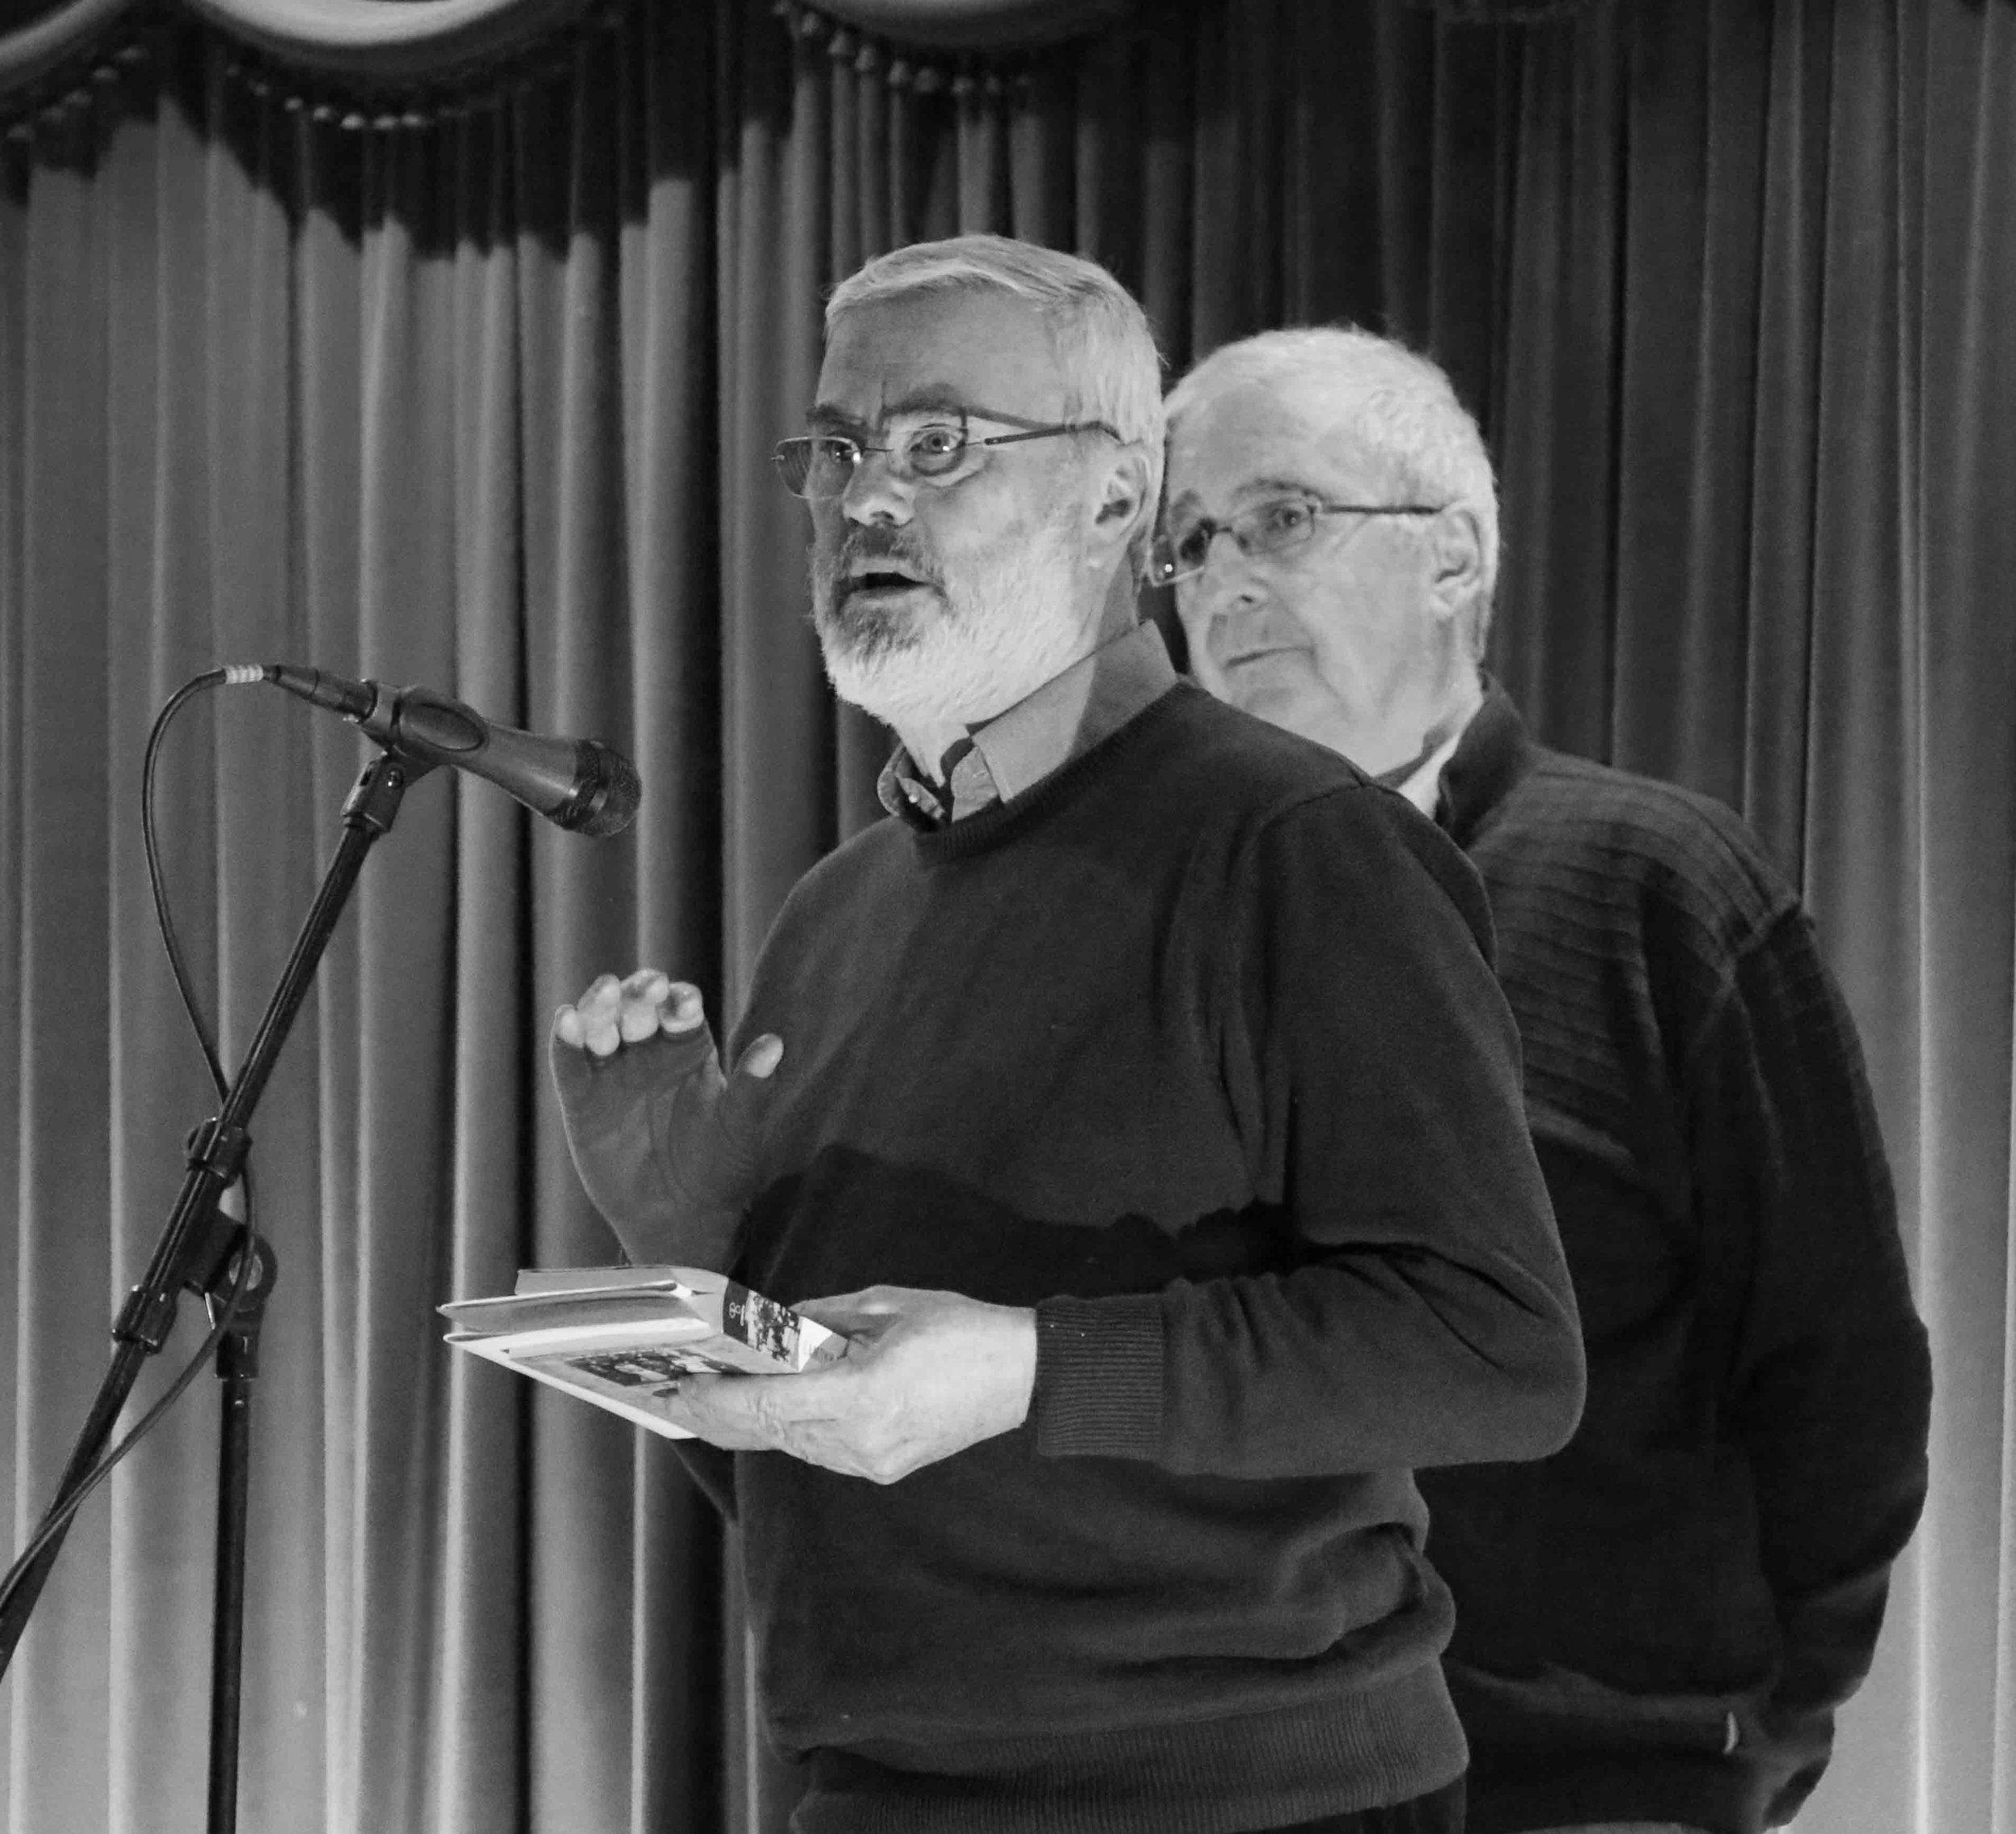 Comóradh Éamonn Ceannt - Allingham Festival 2016 - Friday Nov. 4th - Dorrian's Hotel-4.jpg